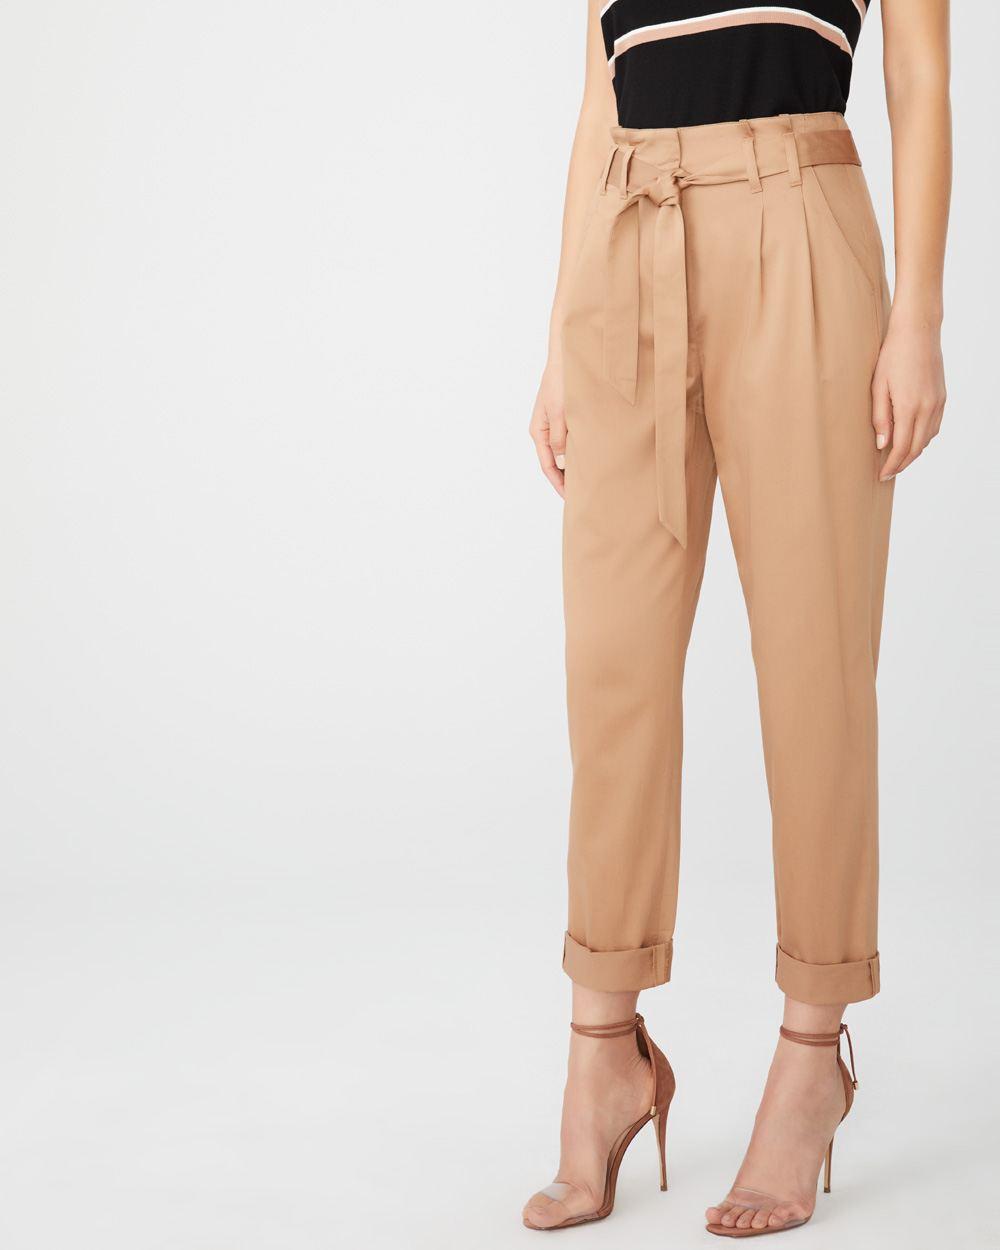 e4cc6c6355 Linen-blend paper bag pant | RW&CO.